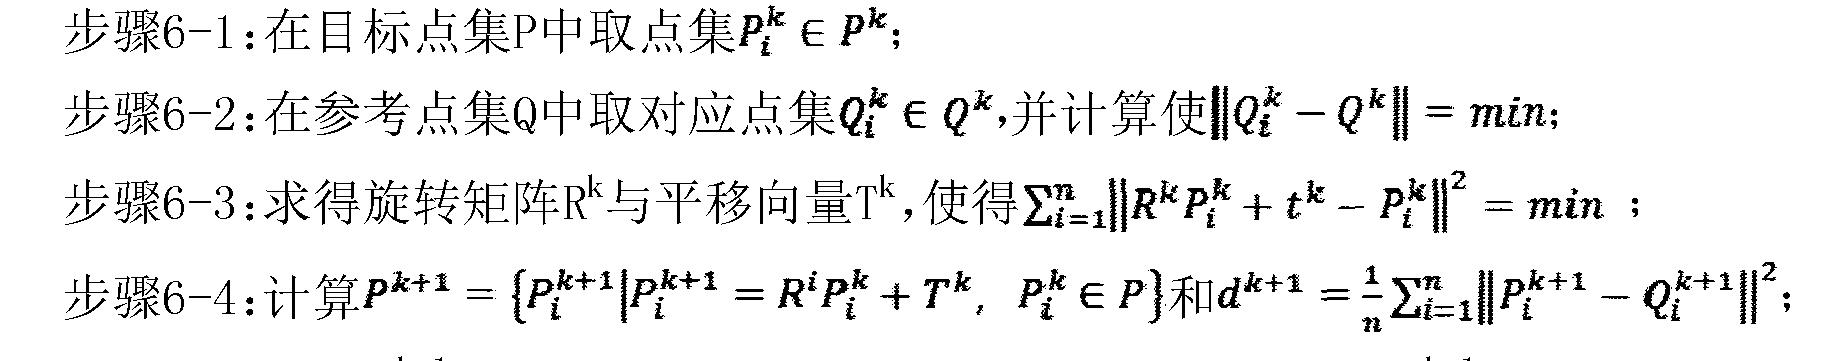 Figure CN106548476AC00031